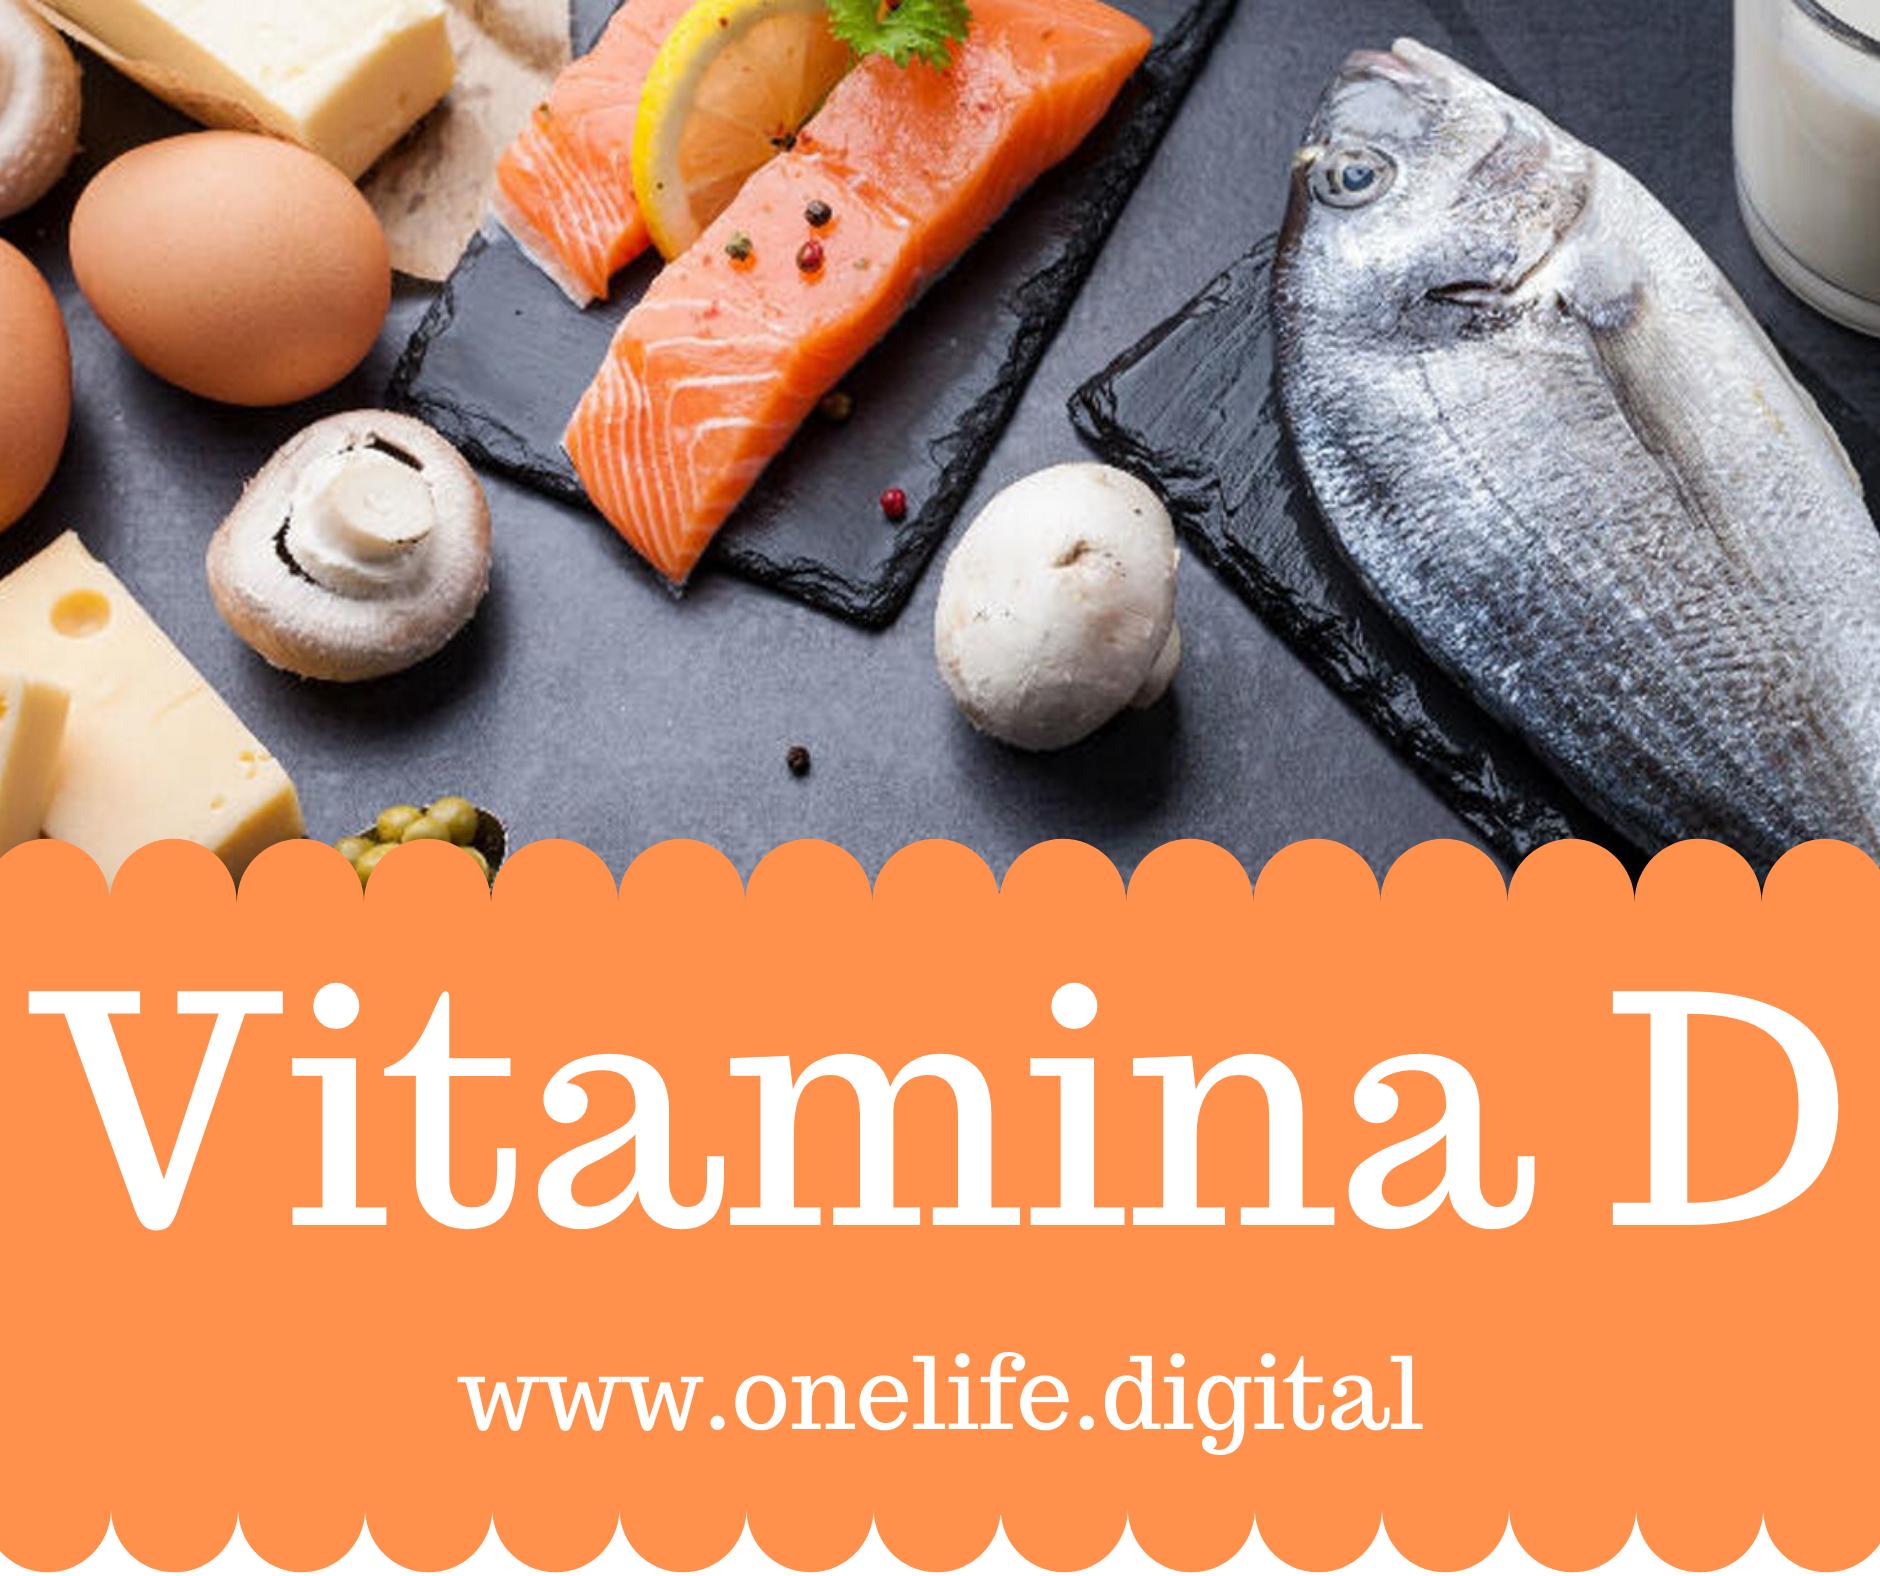 Vitamina D in alimenti e integratori VitaLife D - Life120